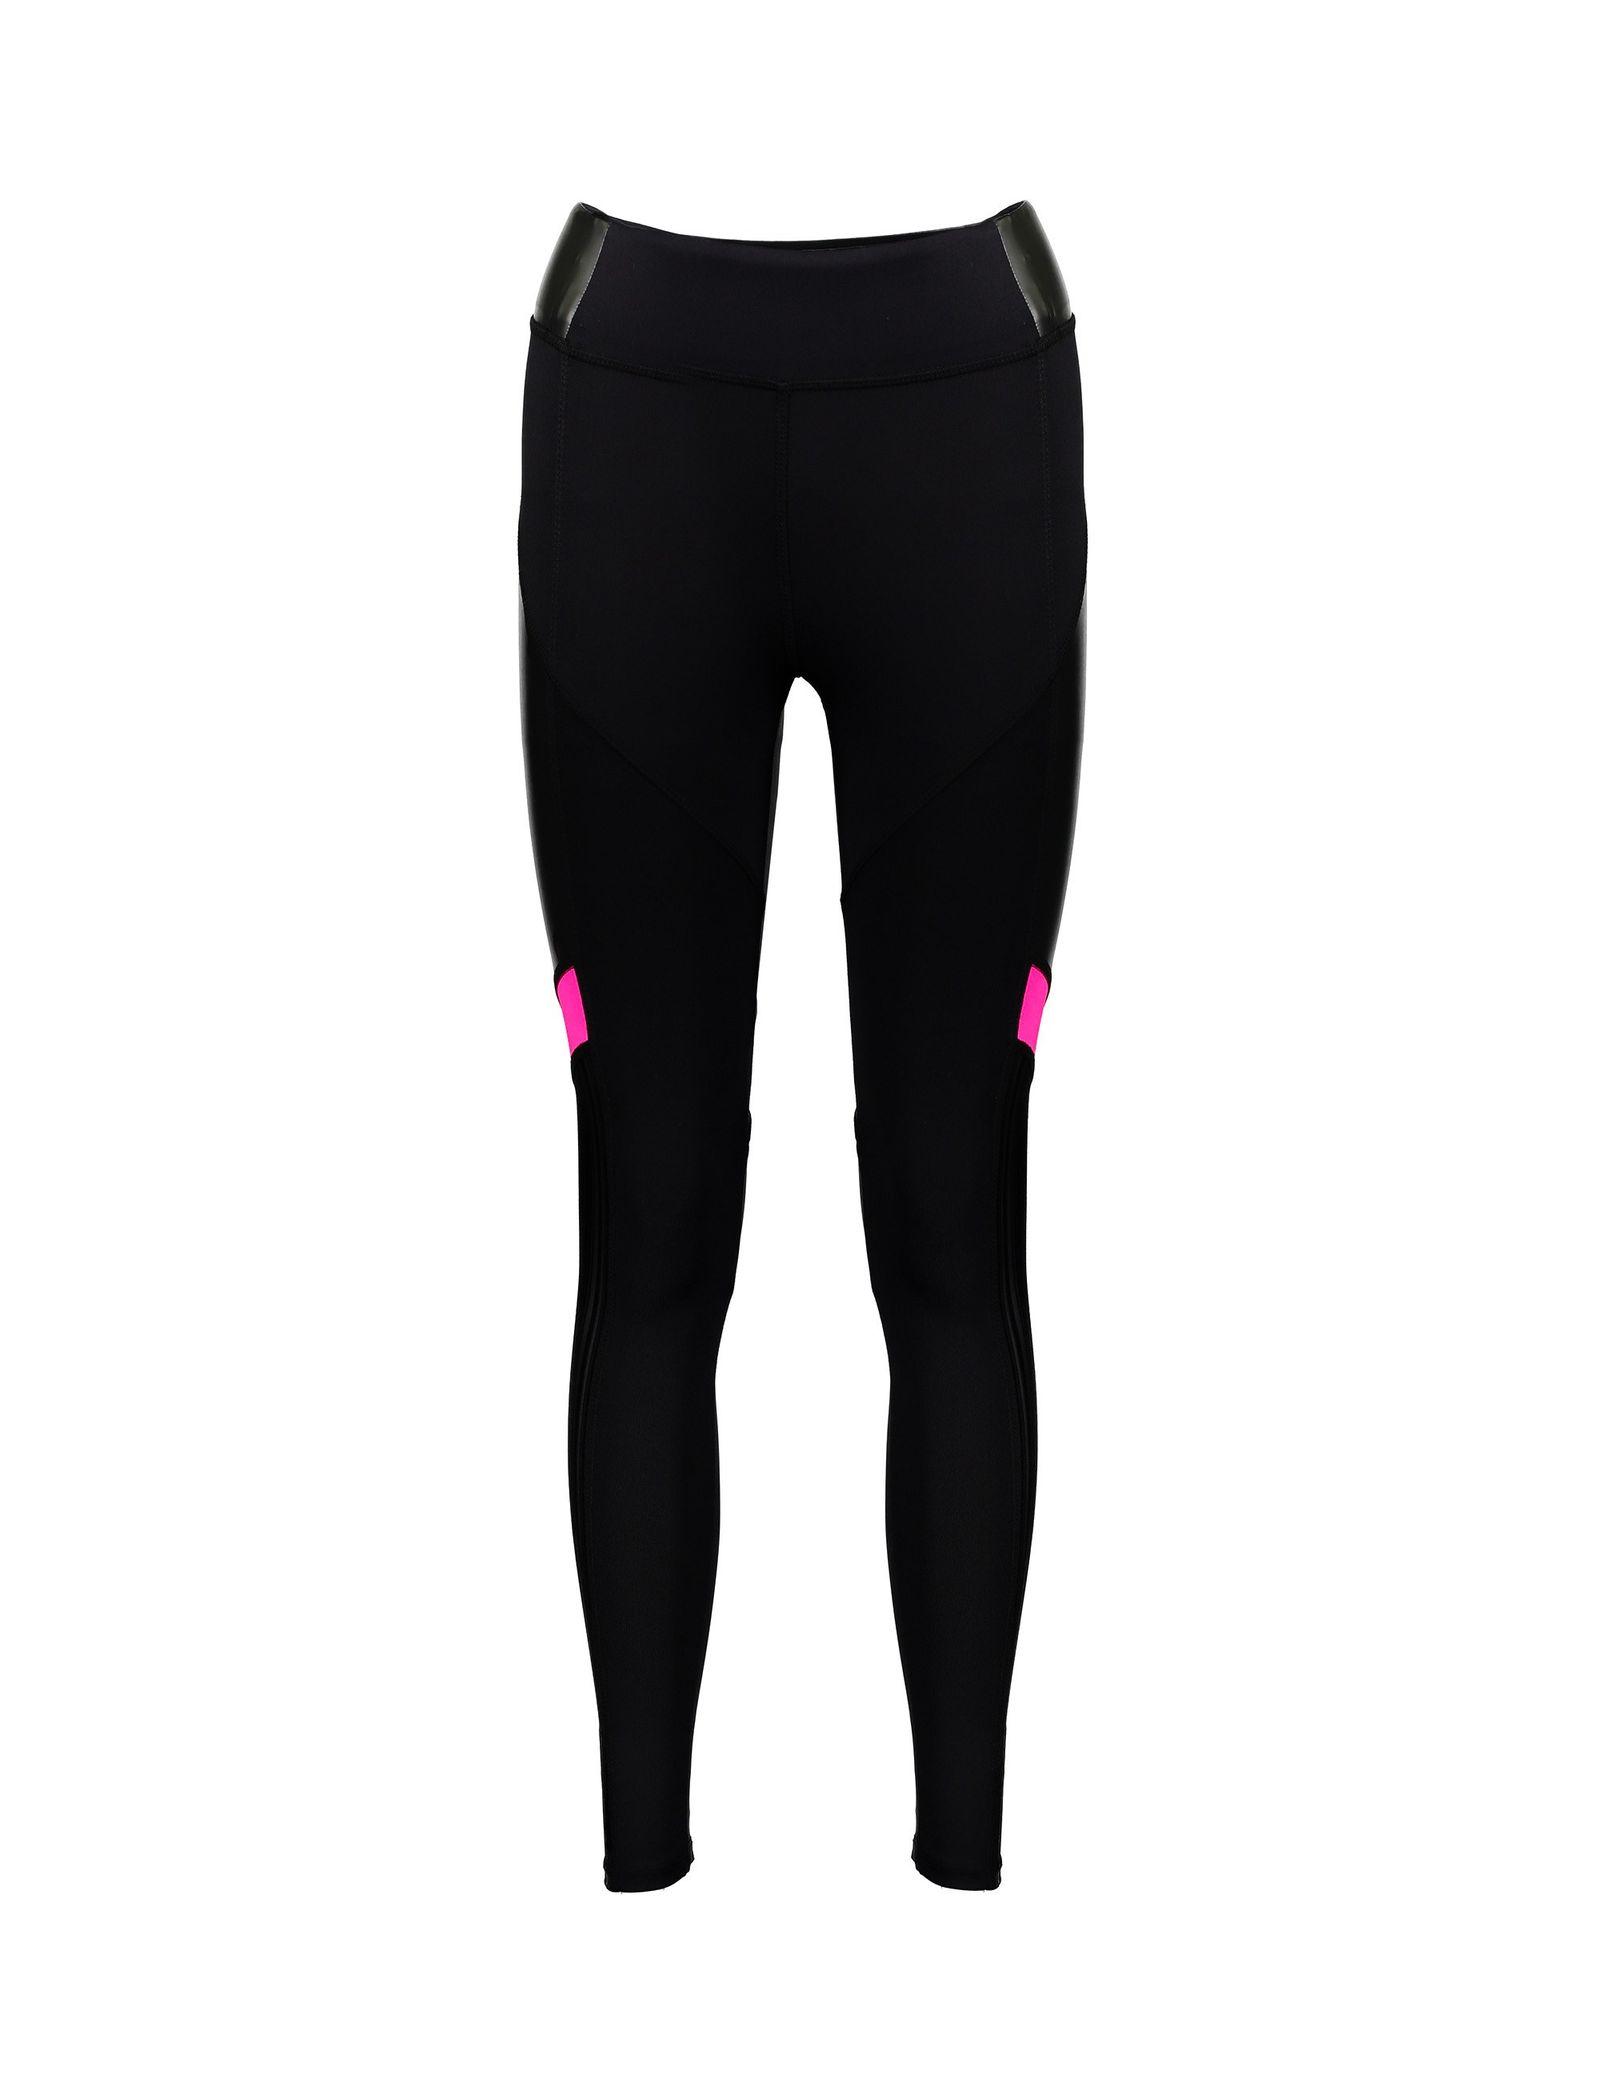 لگینگ ورزشی زنانه - کوتون - مشکي - 1